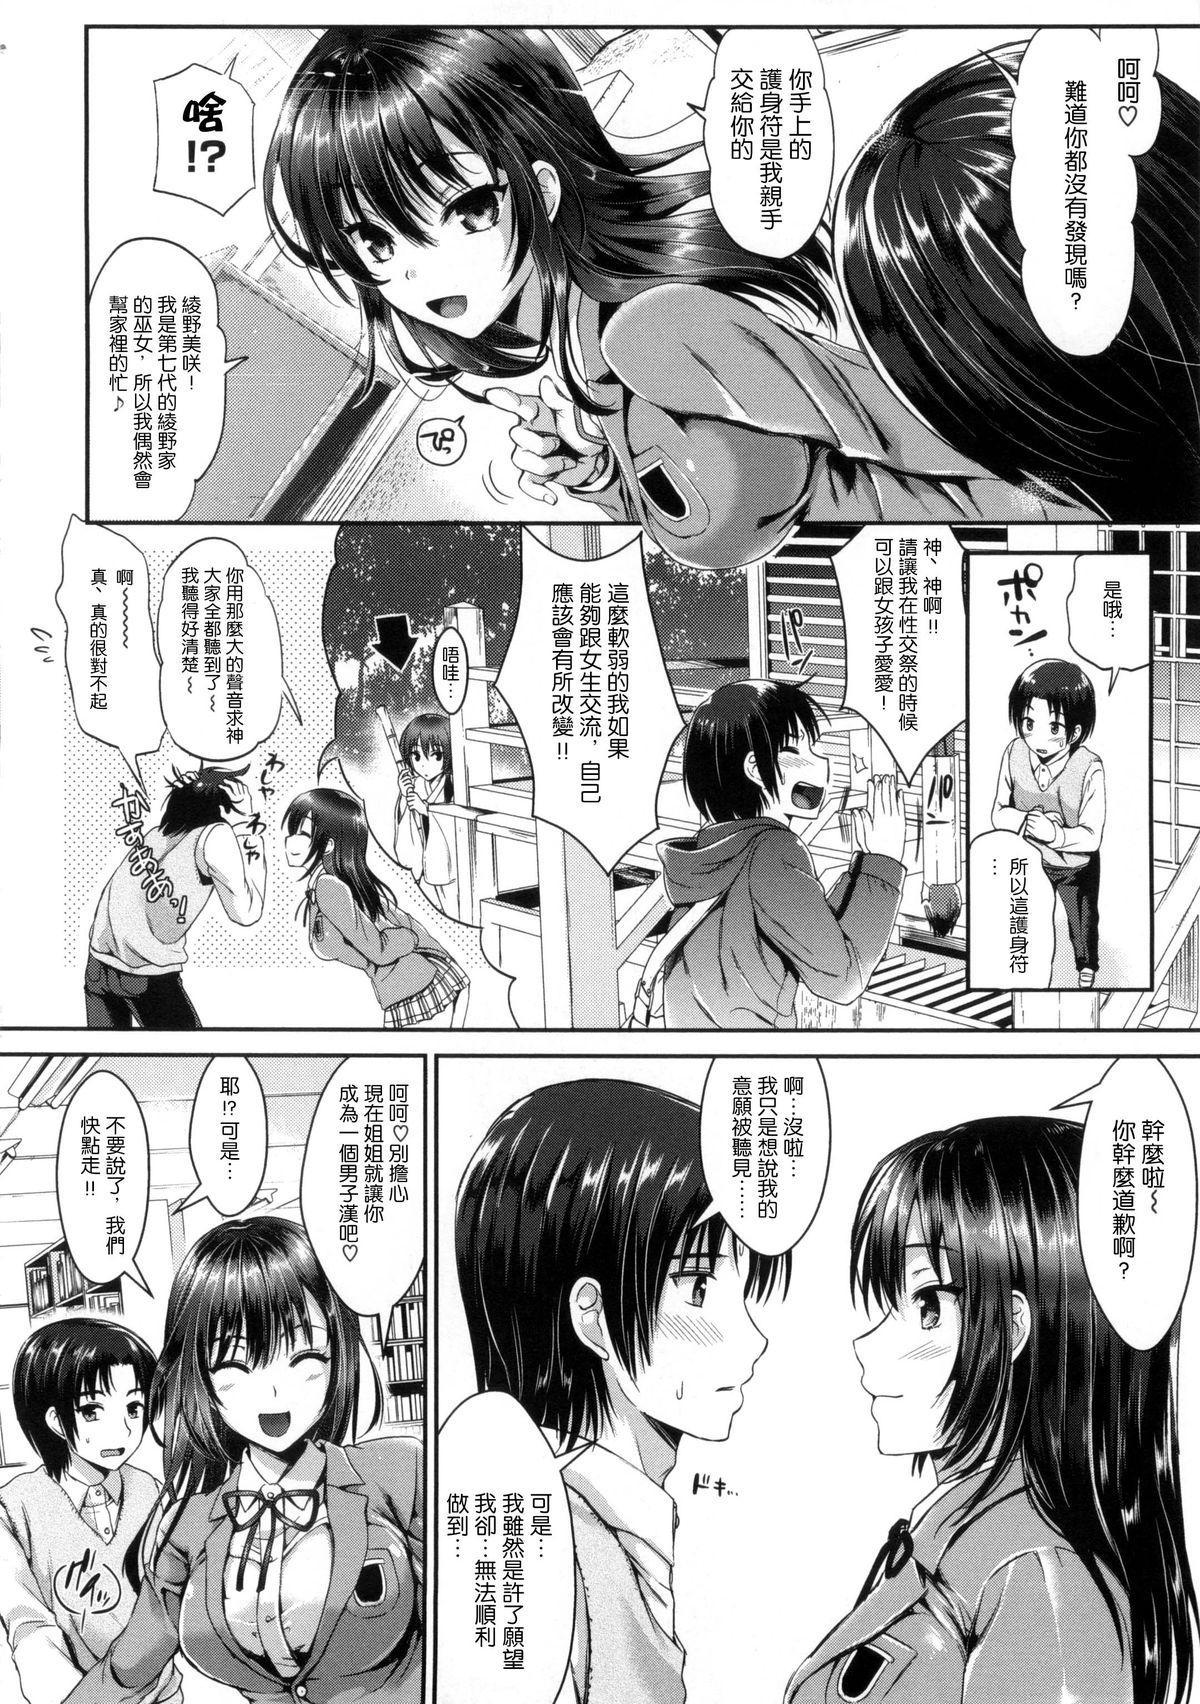 Seikousai - School Love Festival + Toranoana Gentei 8P Shousasshi 36